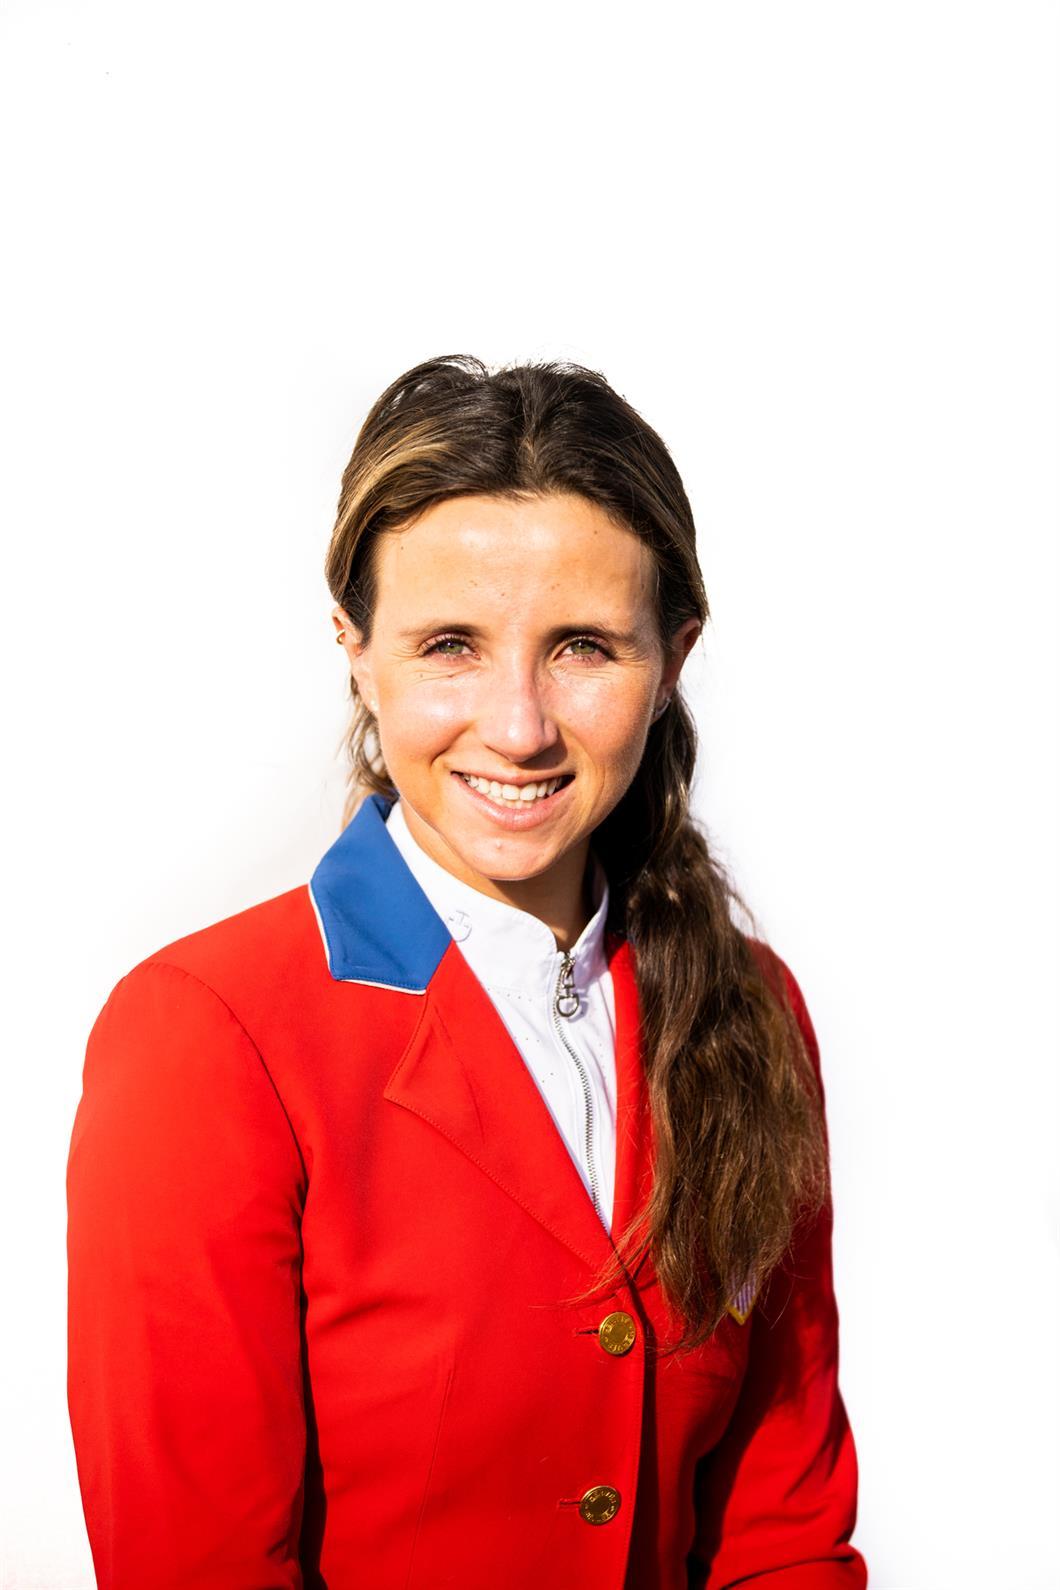 Adrienne Sternlicht